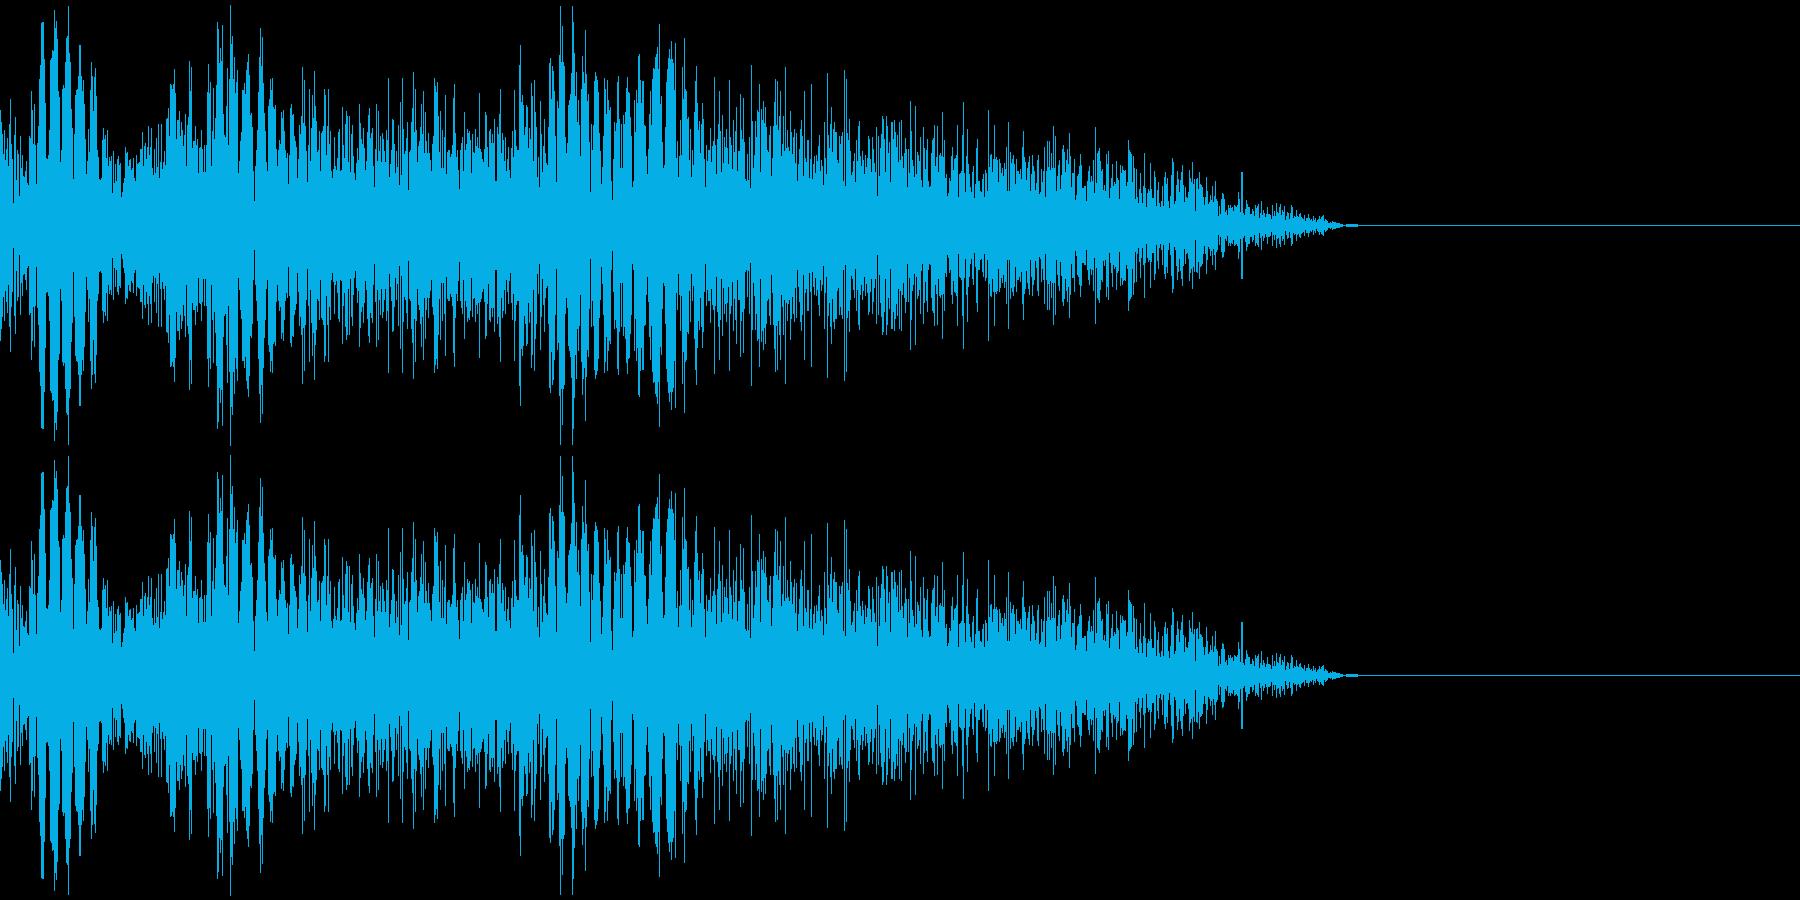 パンチ音(3連発)の再生済みの波形